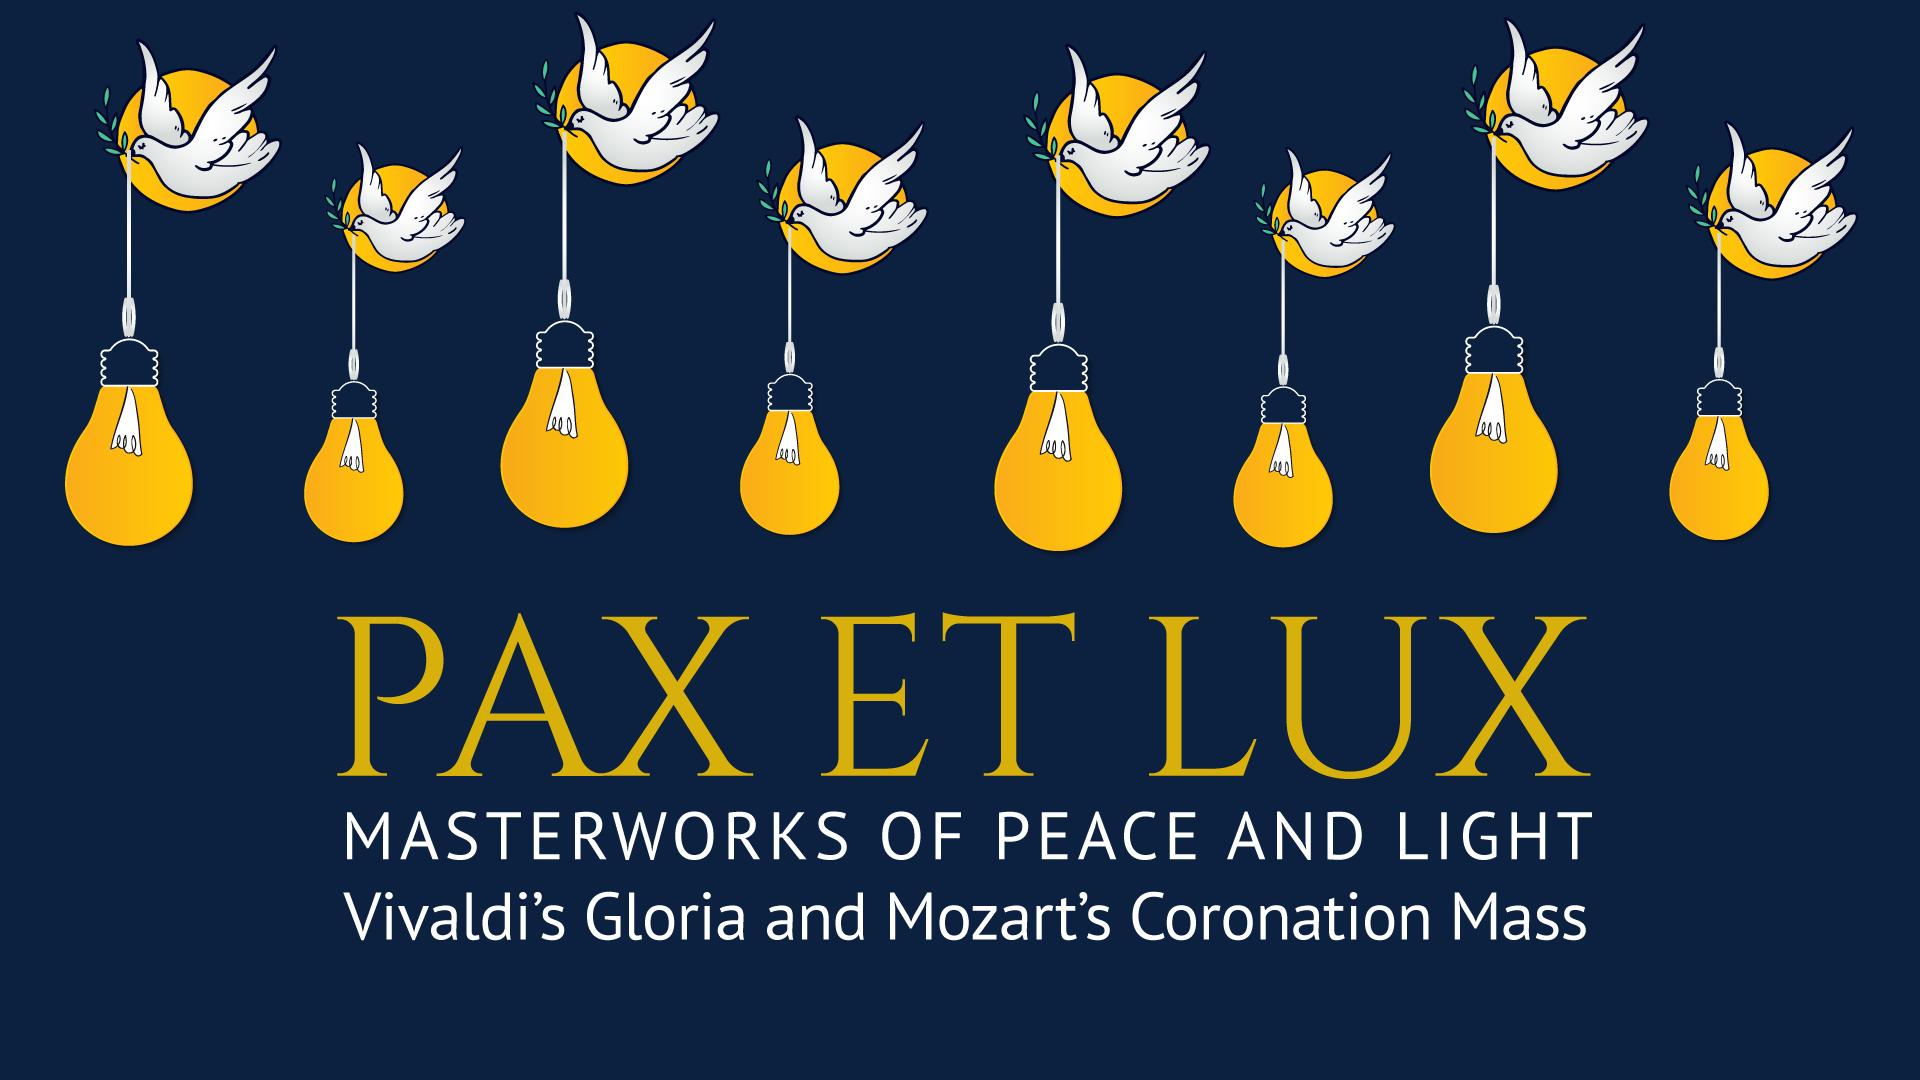 Pax et Lux, 11 November 2017